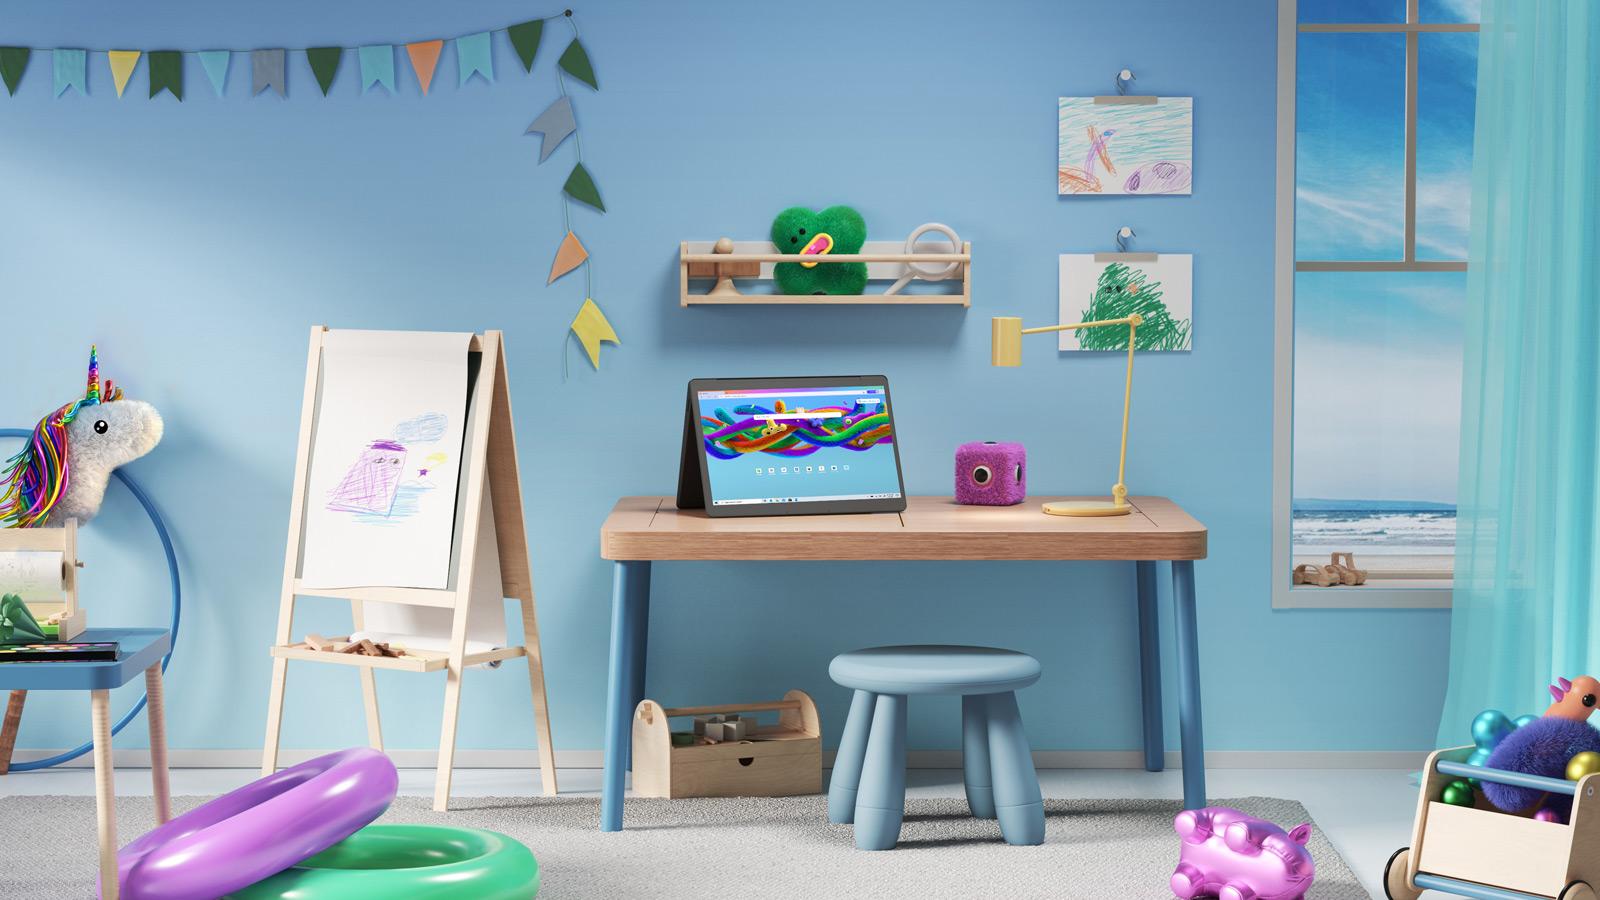 حائط به دمى حيوانات محشوة وألعاب وحامل وكمبيوتر محمول بزاوية مع وضع الأطفال في Microsoft Edge على الشاشة